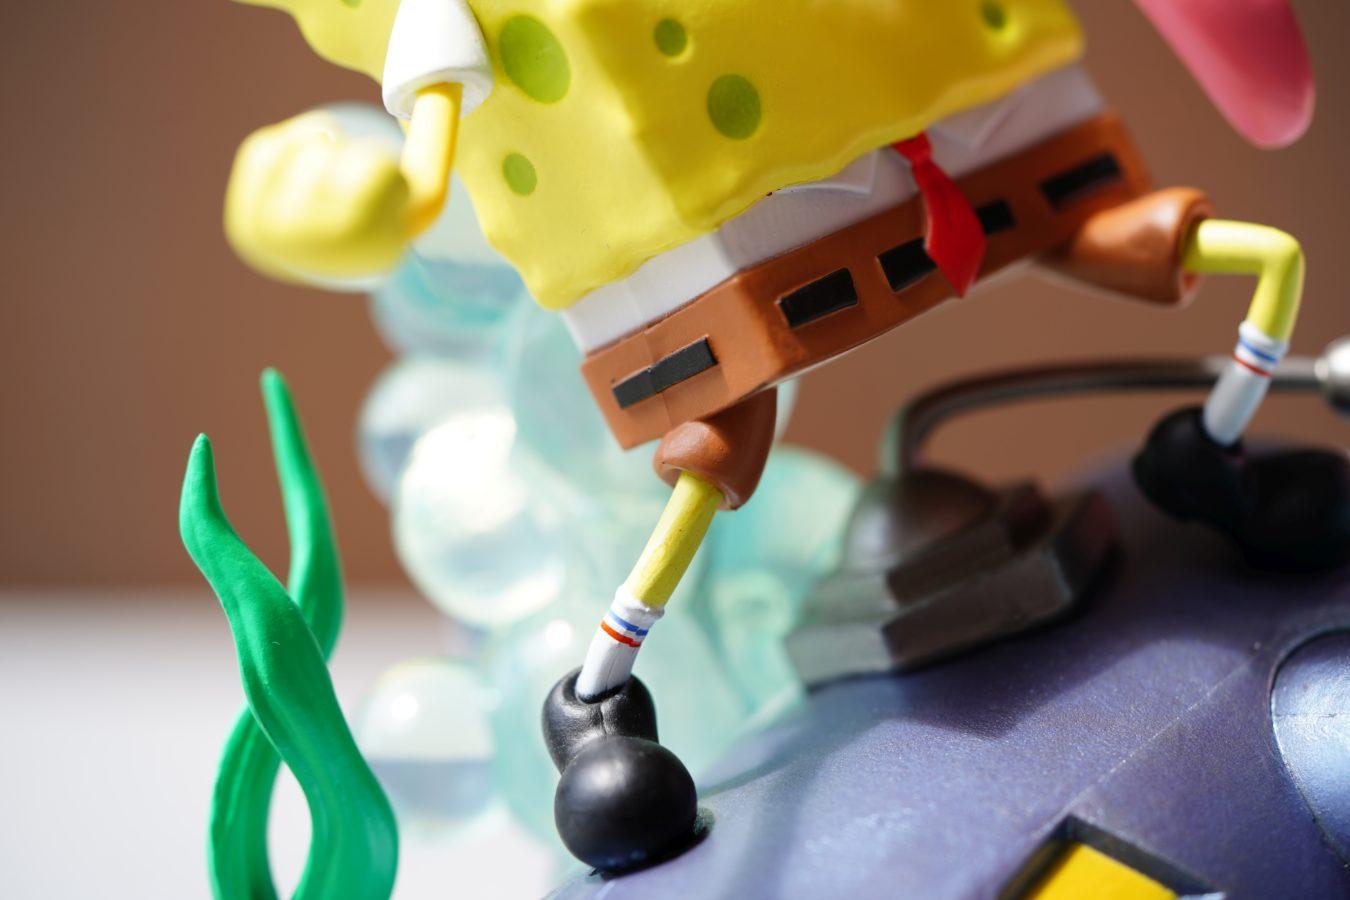 Unboxing ogromnej edycji kolekcjonerskiej SpongeBob SquarePants: Battle for Bikini Bottom Rehydrated F.U.N. Edition 79